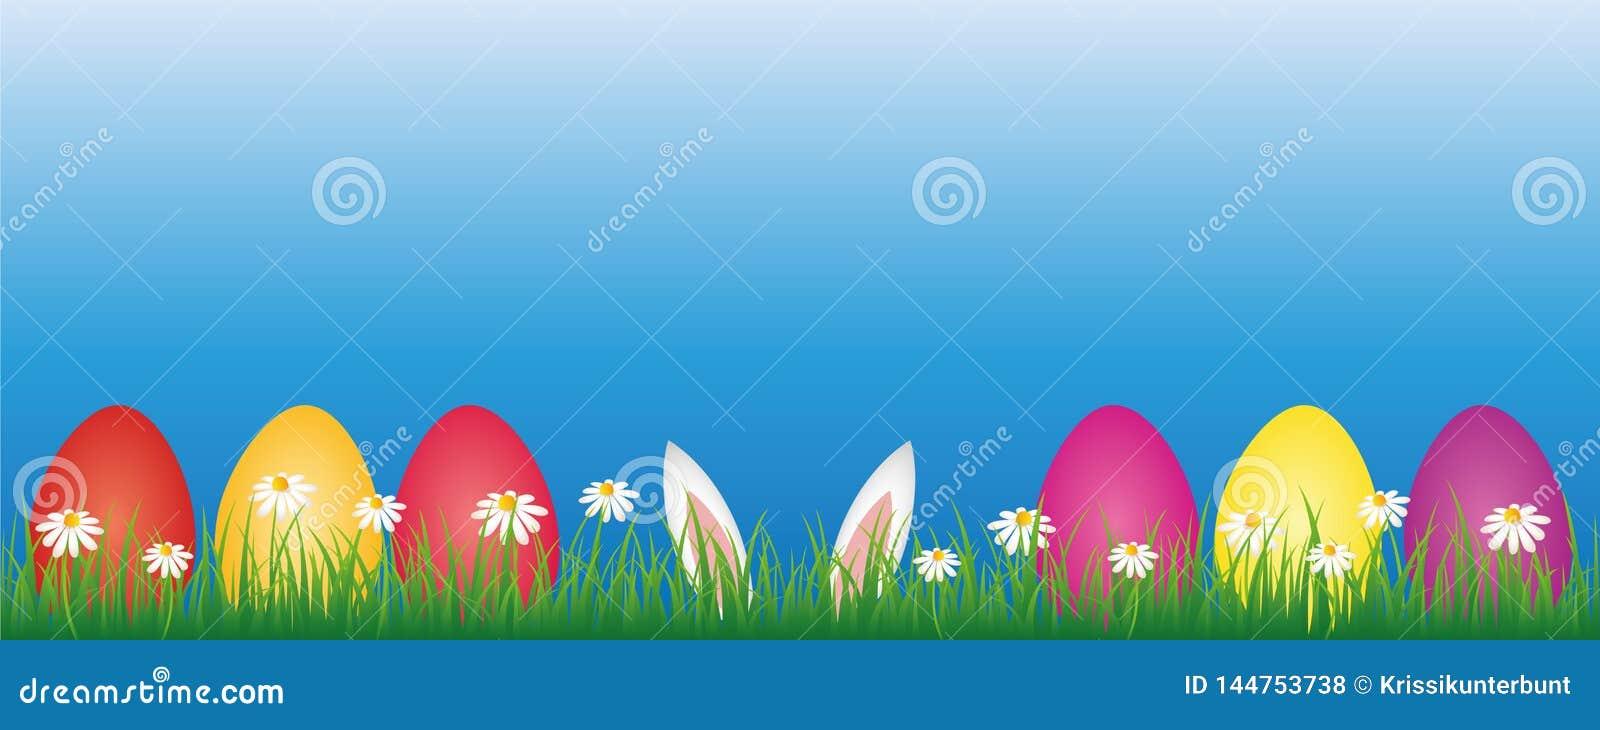 Oreilles de lapin et oeufs de pâques colorés dans le pré vert avec la bannière de fleurs de marguerite blanche avec l espace